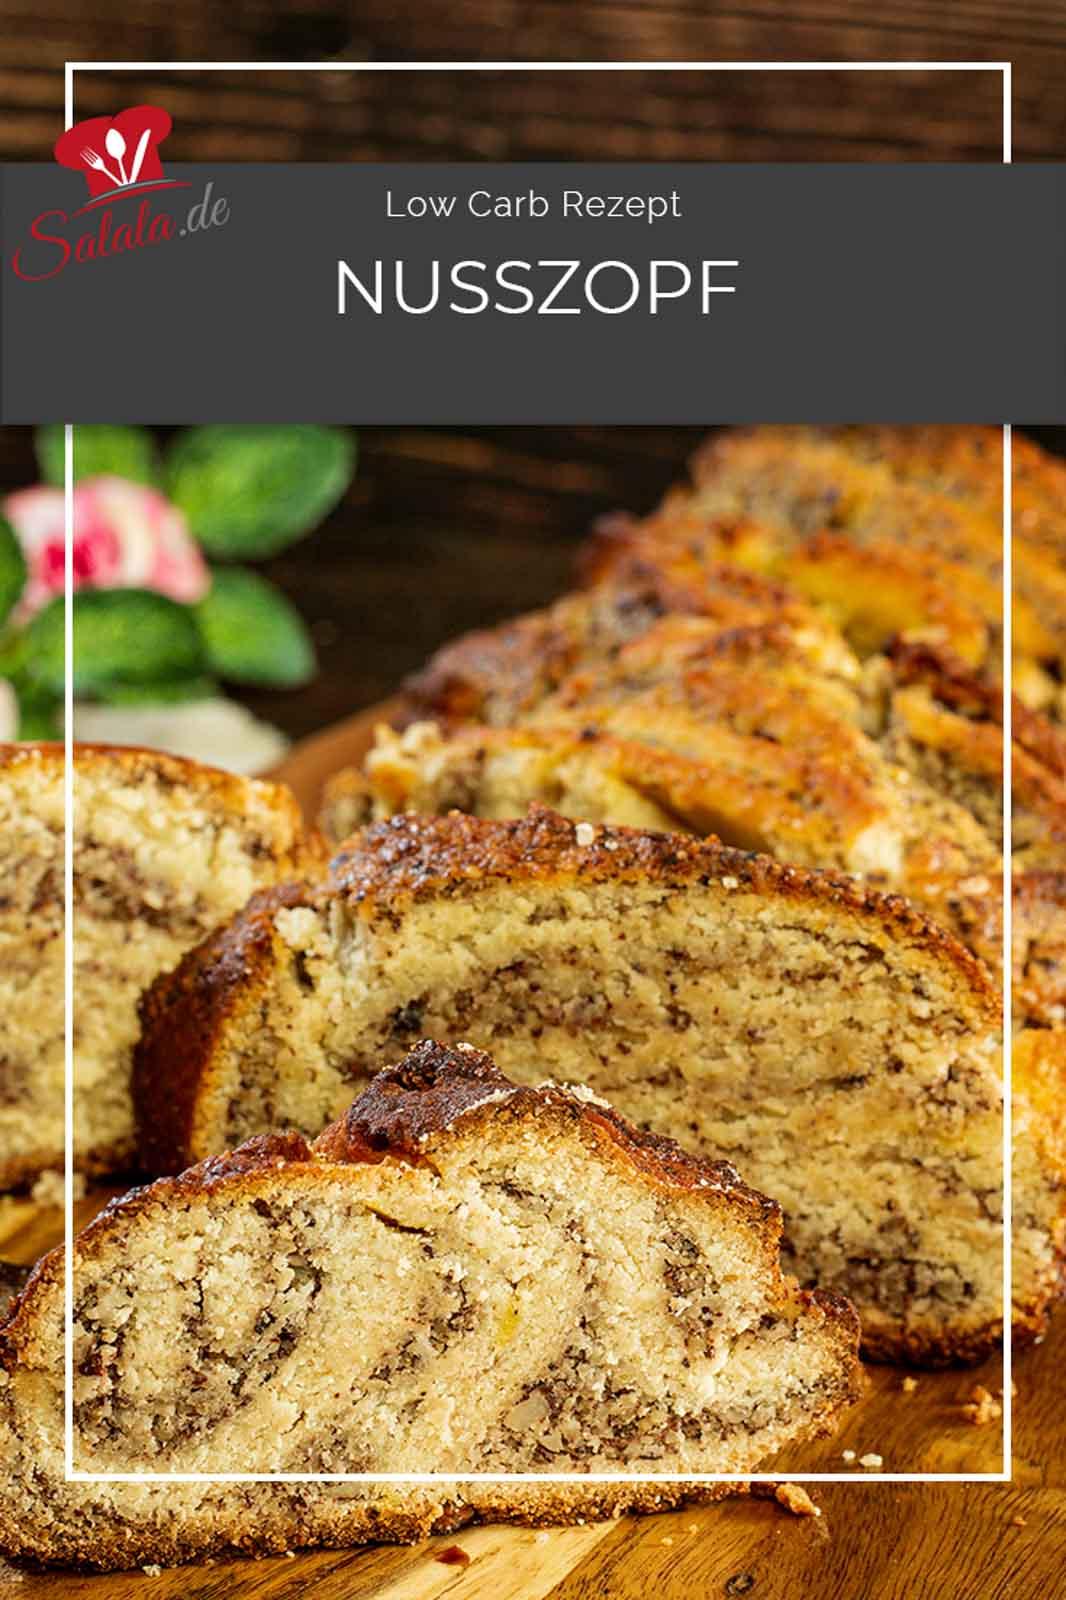 Einen trockenen Kuchen wollte Nico. So richtig schön Low Carb und keine Torte. Was hat er bekommen? Einen Nusszopf. Ein Rezept ohne Hefe sondern mit einem Low Carb Knetteig und einer leckerern Haselnussfüllung. Hat ihm geschmeckt, auch wenn's kein Kuchen war. #LowCarbNusszopf #Nusszopf #NusszopfOhneHefe #NusszopfOhneMehl #GlutenfreierNusszopf #NusszopfSelberMachn #RezeptFuerNusszopf